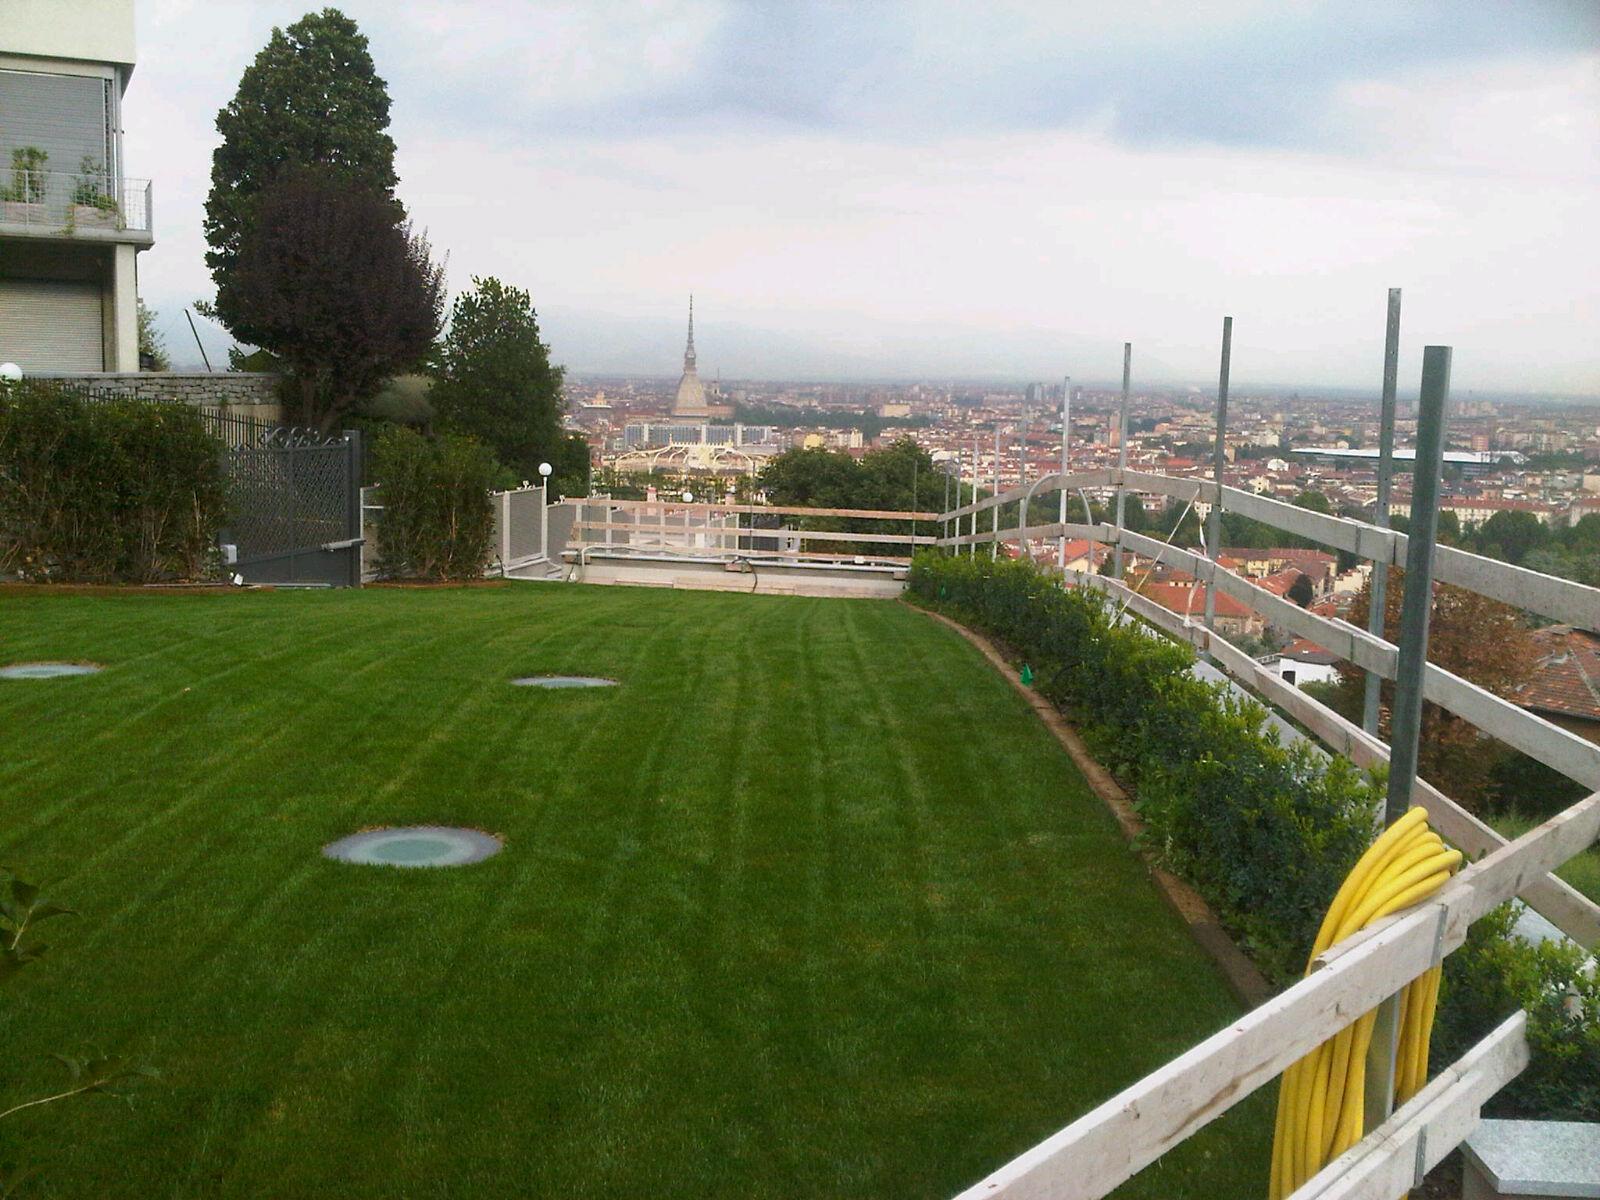 Giardini pensili 02